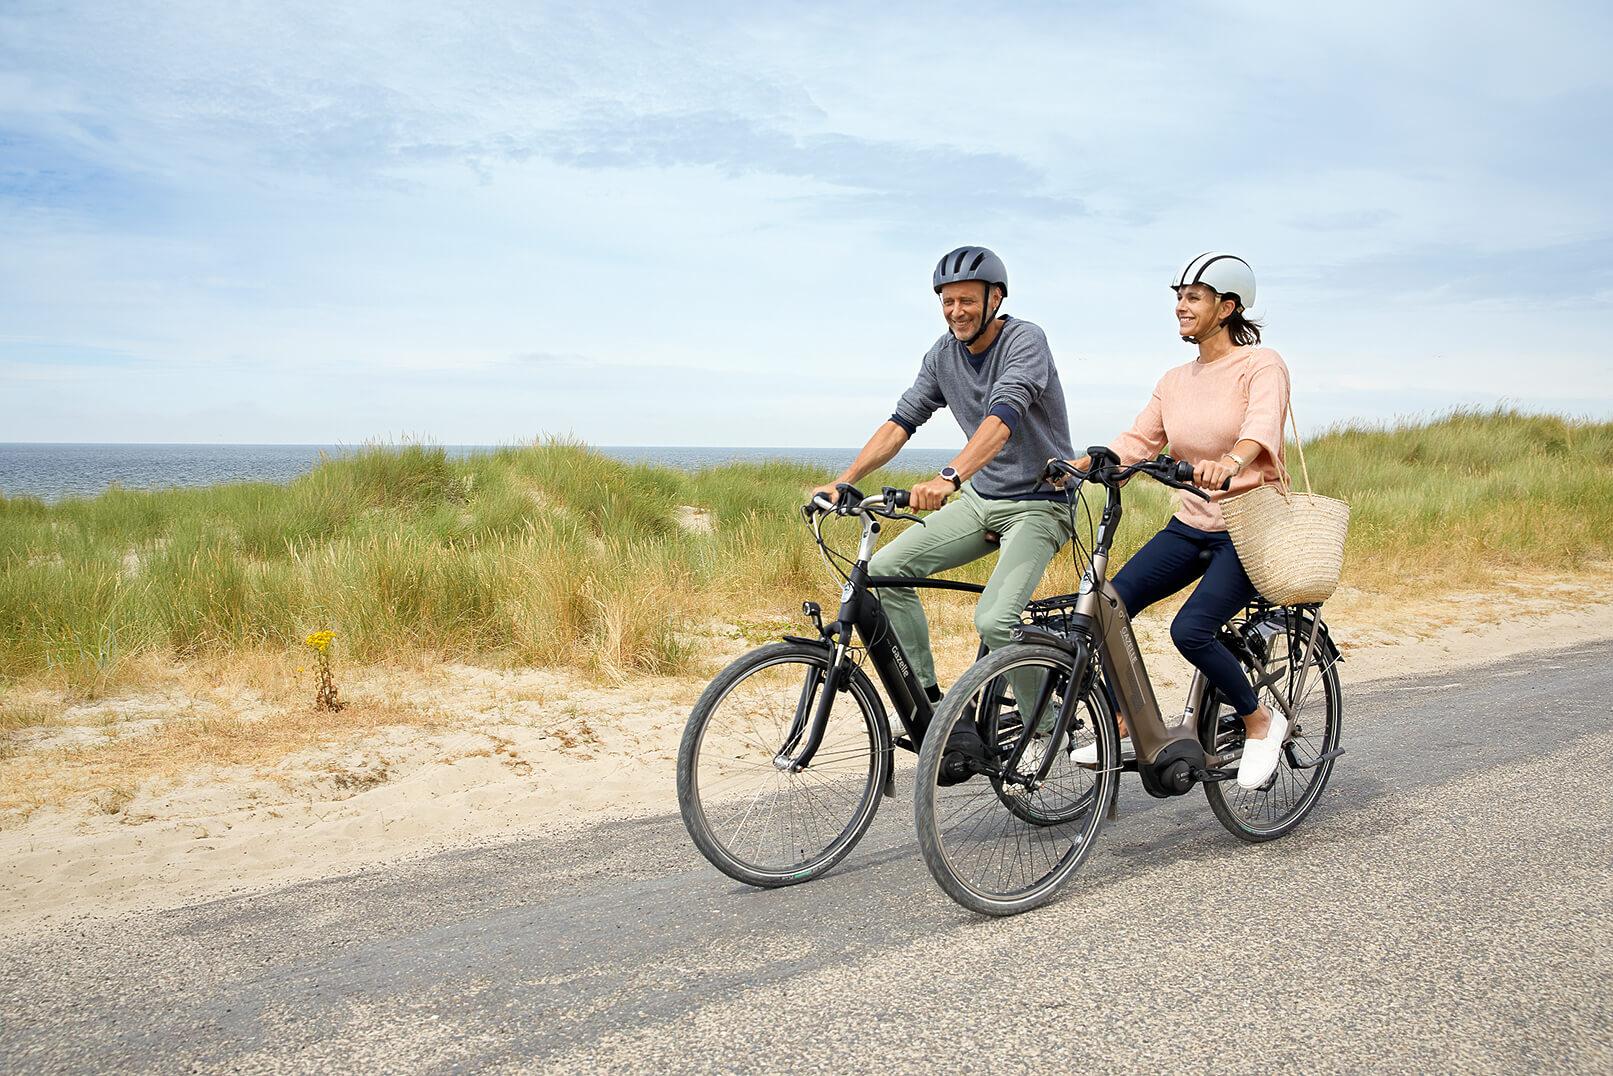 Welcher Fahrrad-Typ bist du?